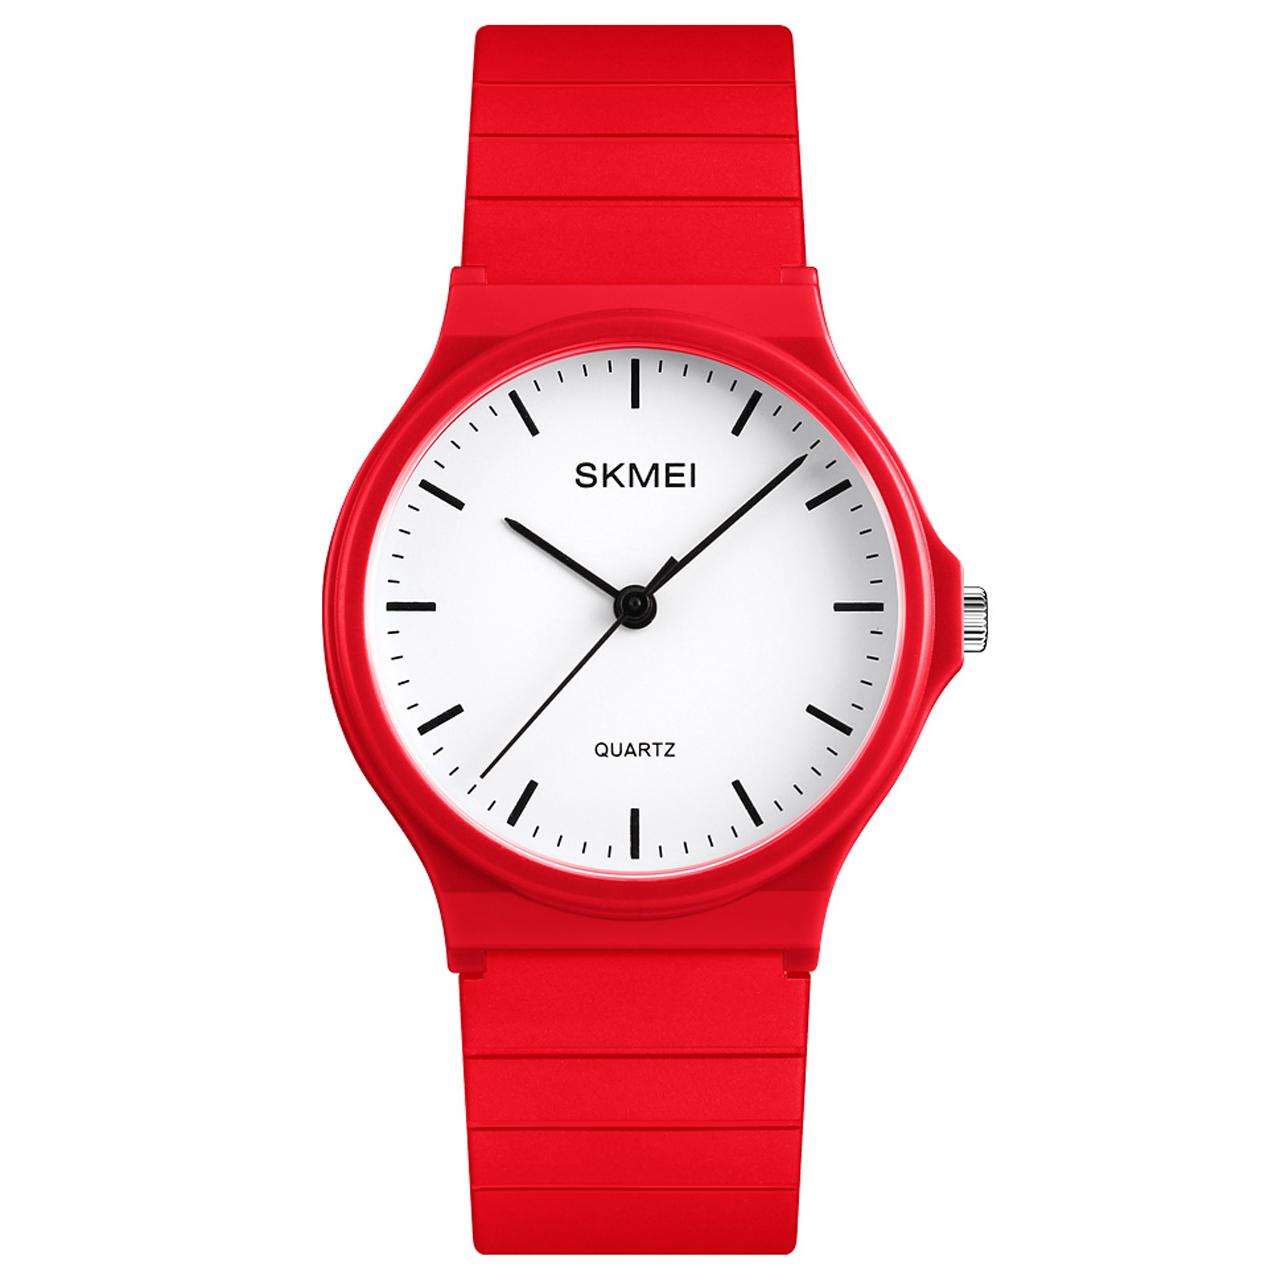 ساعت مچی عقربه ای زنانه اسکمی مدل 1419R 51